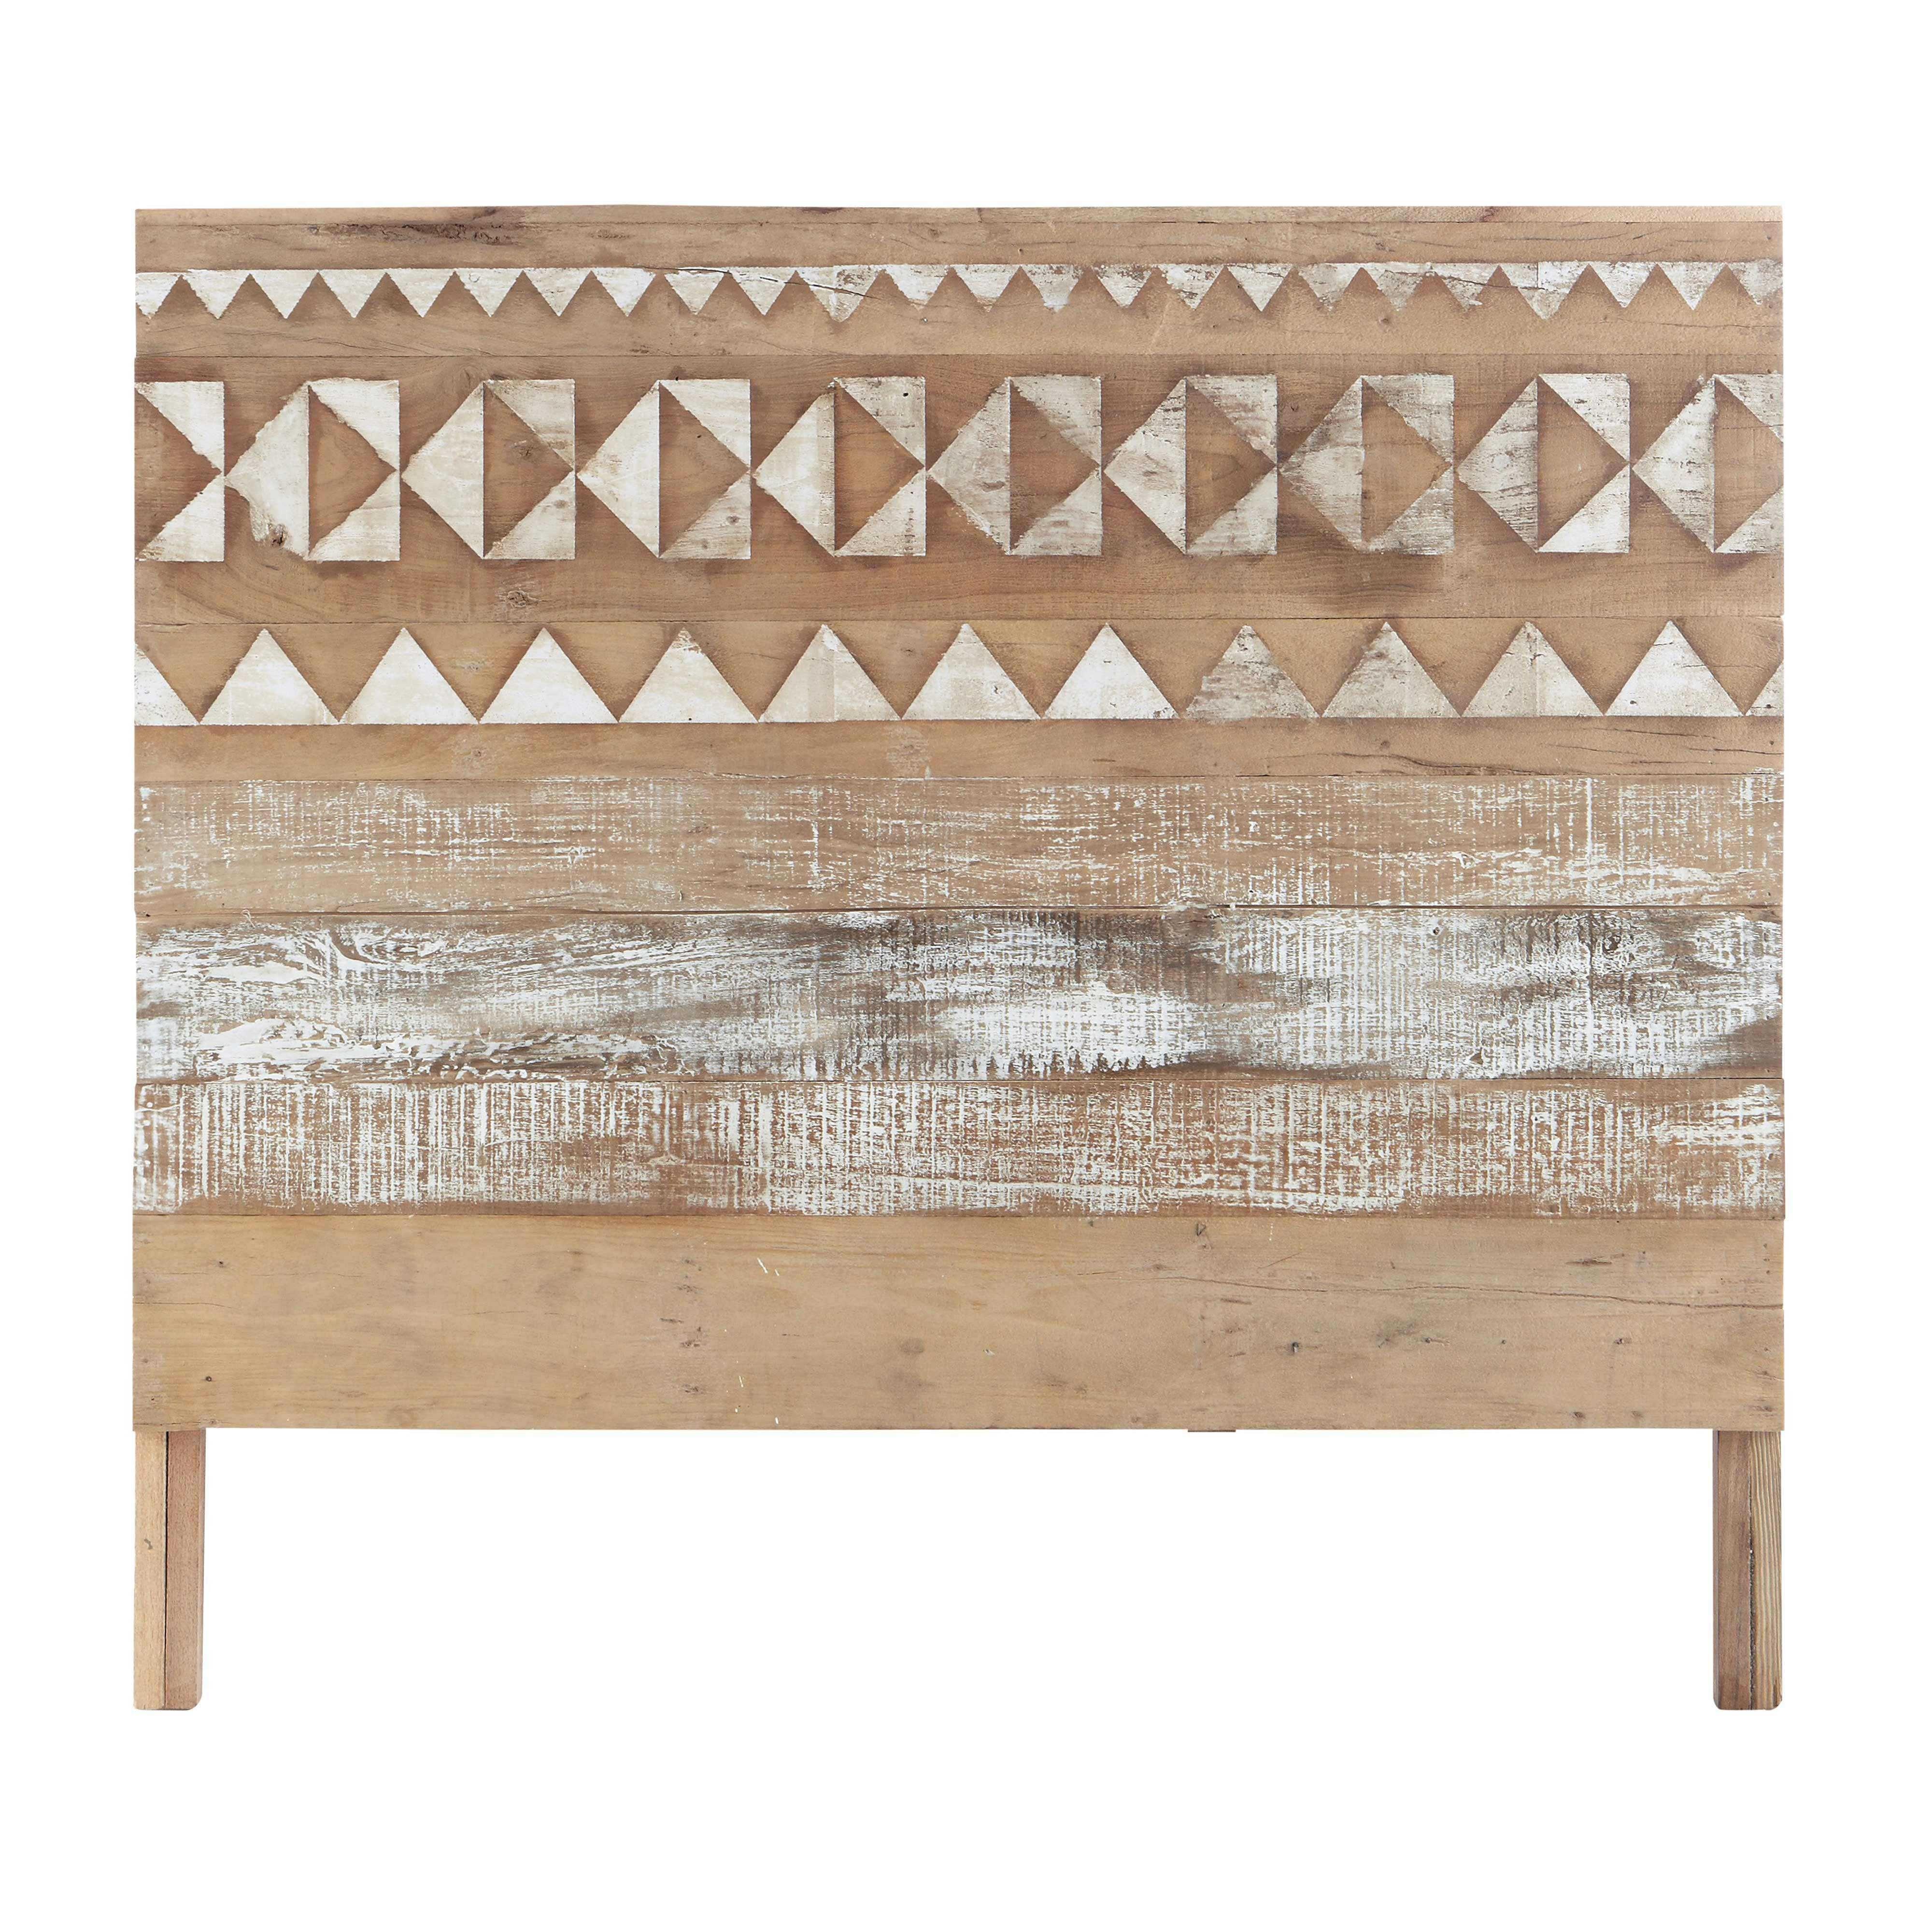 t te de lit motifs en bois recycl l 140 cm style ethnique pinterest bois recycl tete. Black Bedroom Furniture Sets. Home Design Ideas